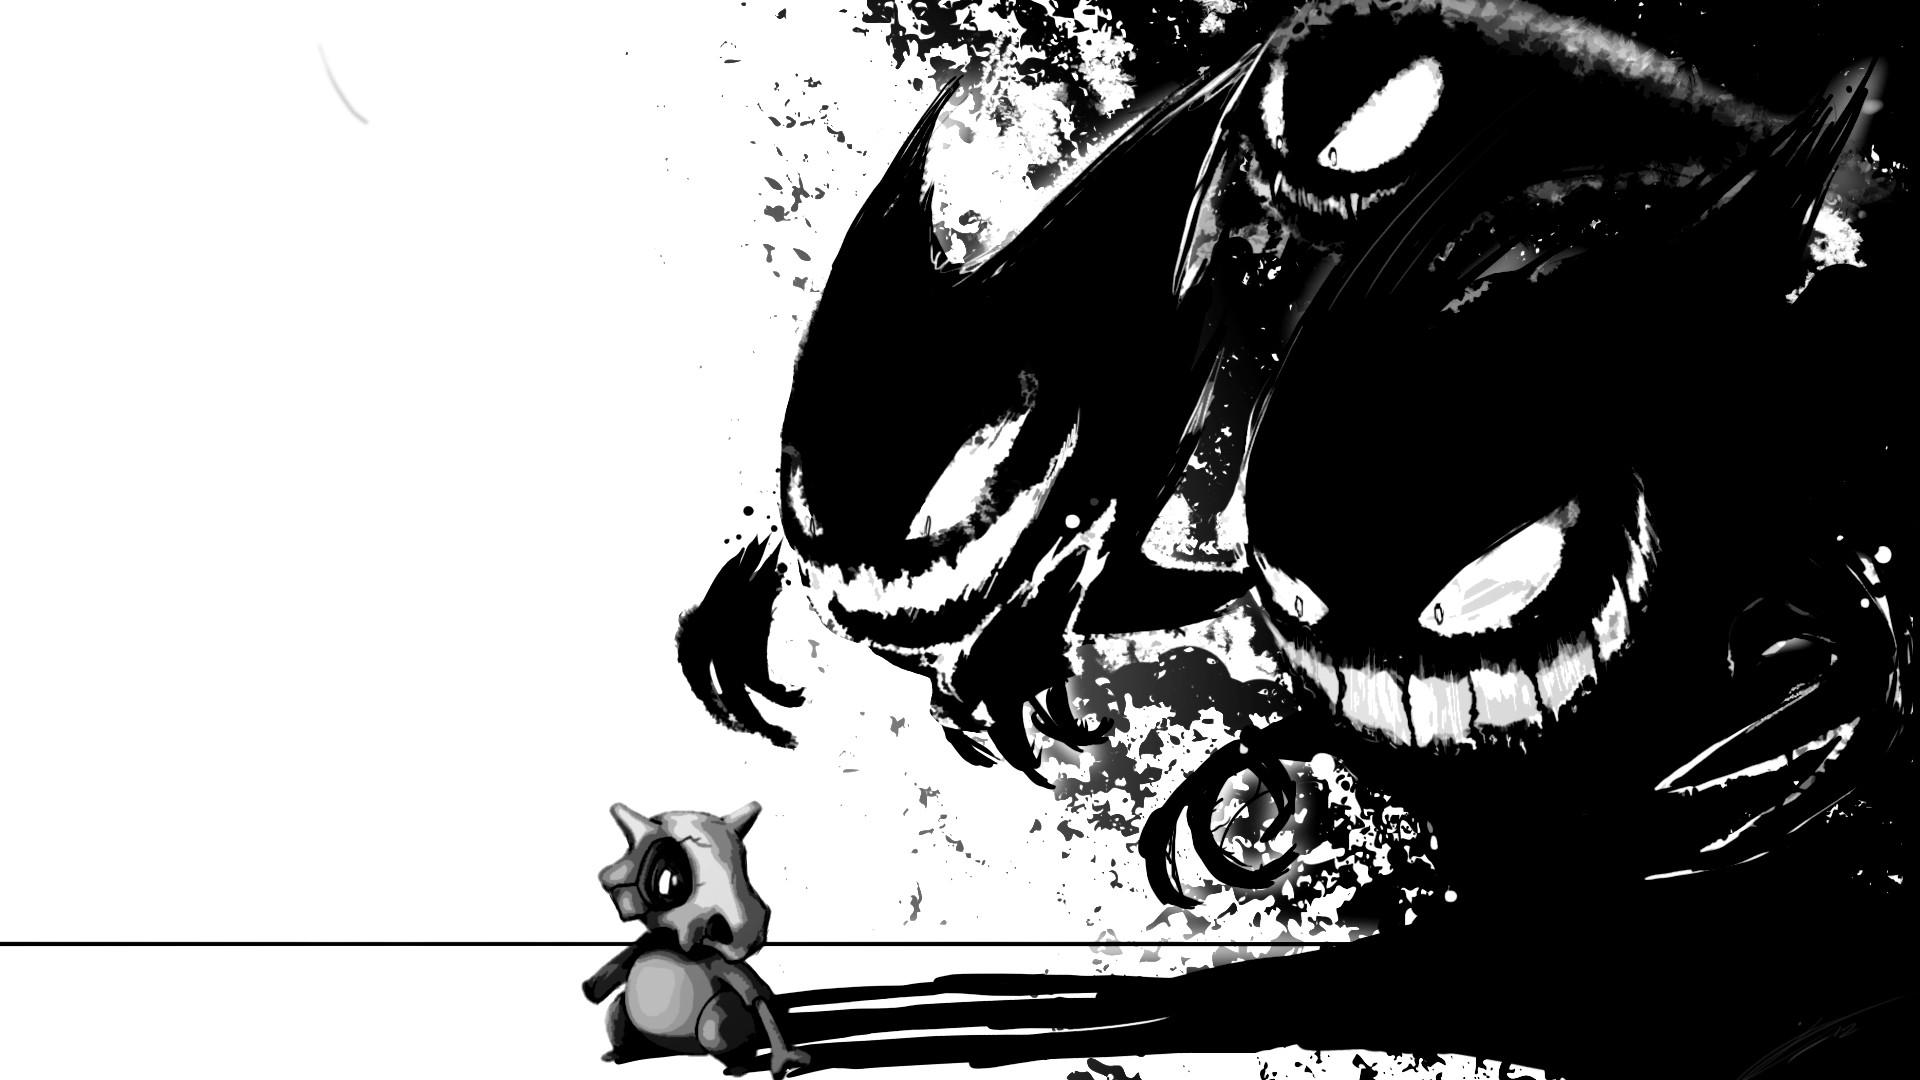 Pokemon wallpaper 53